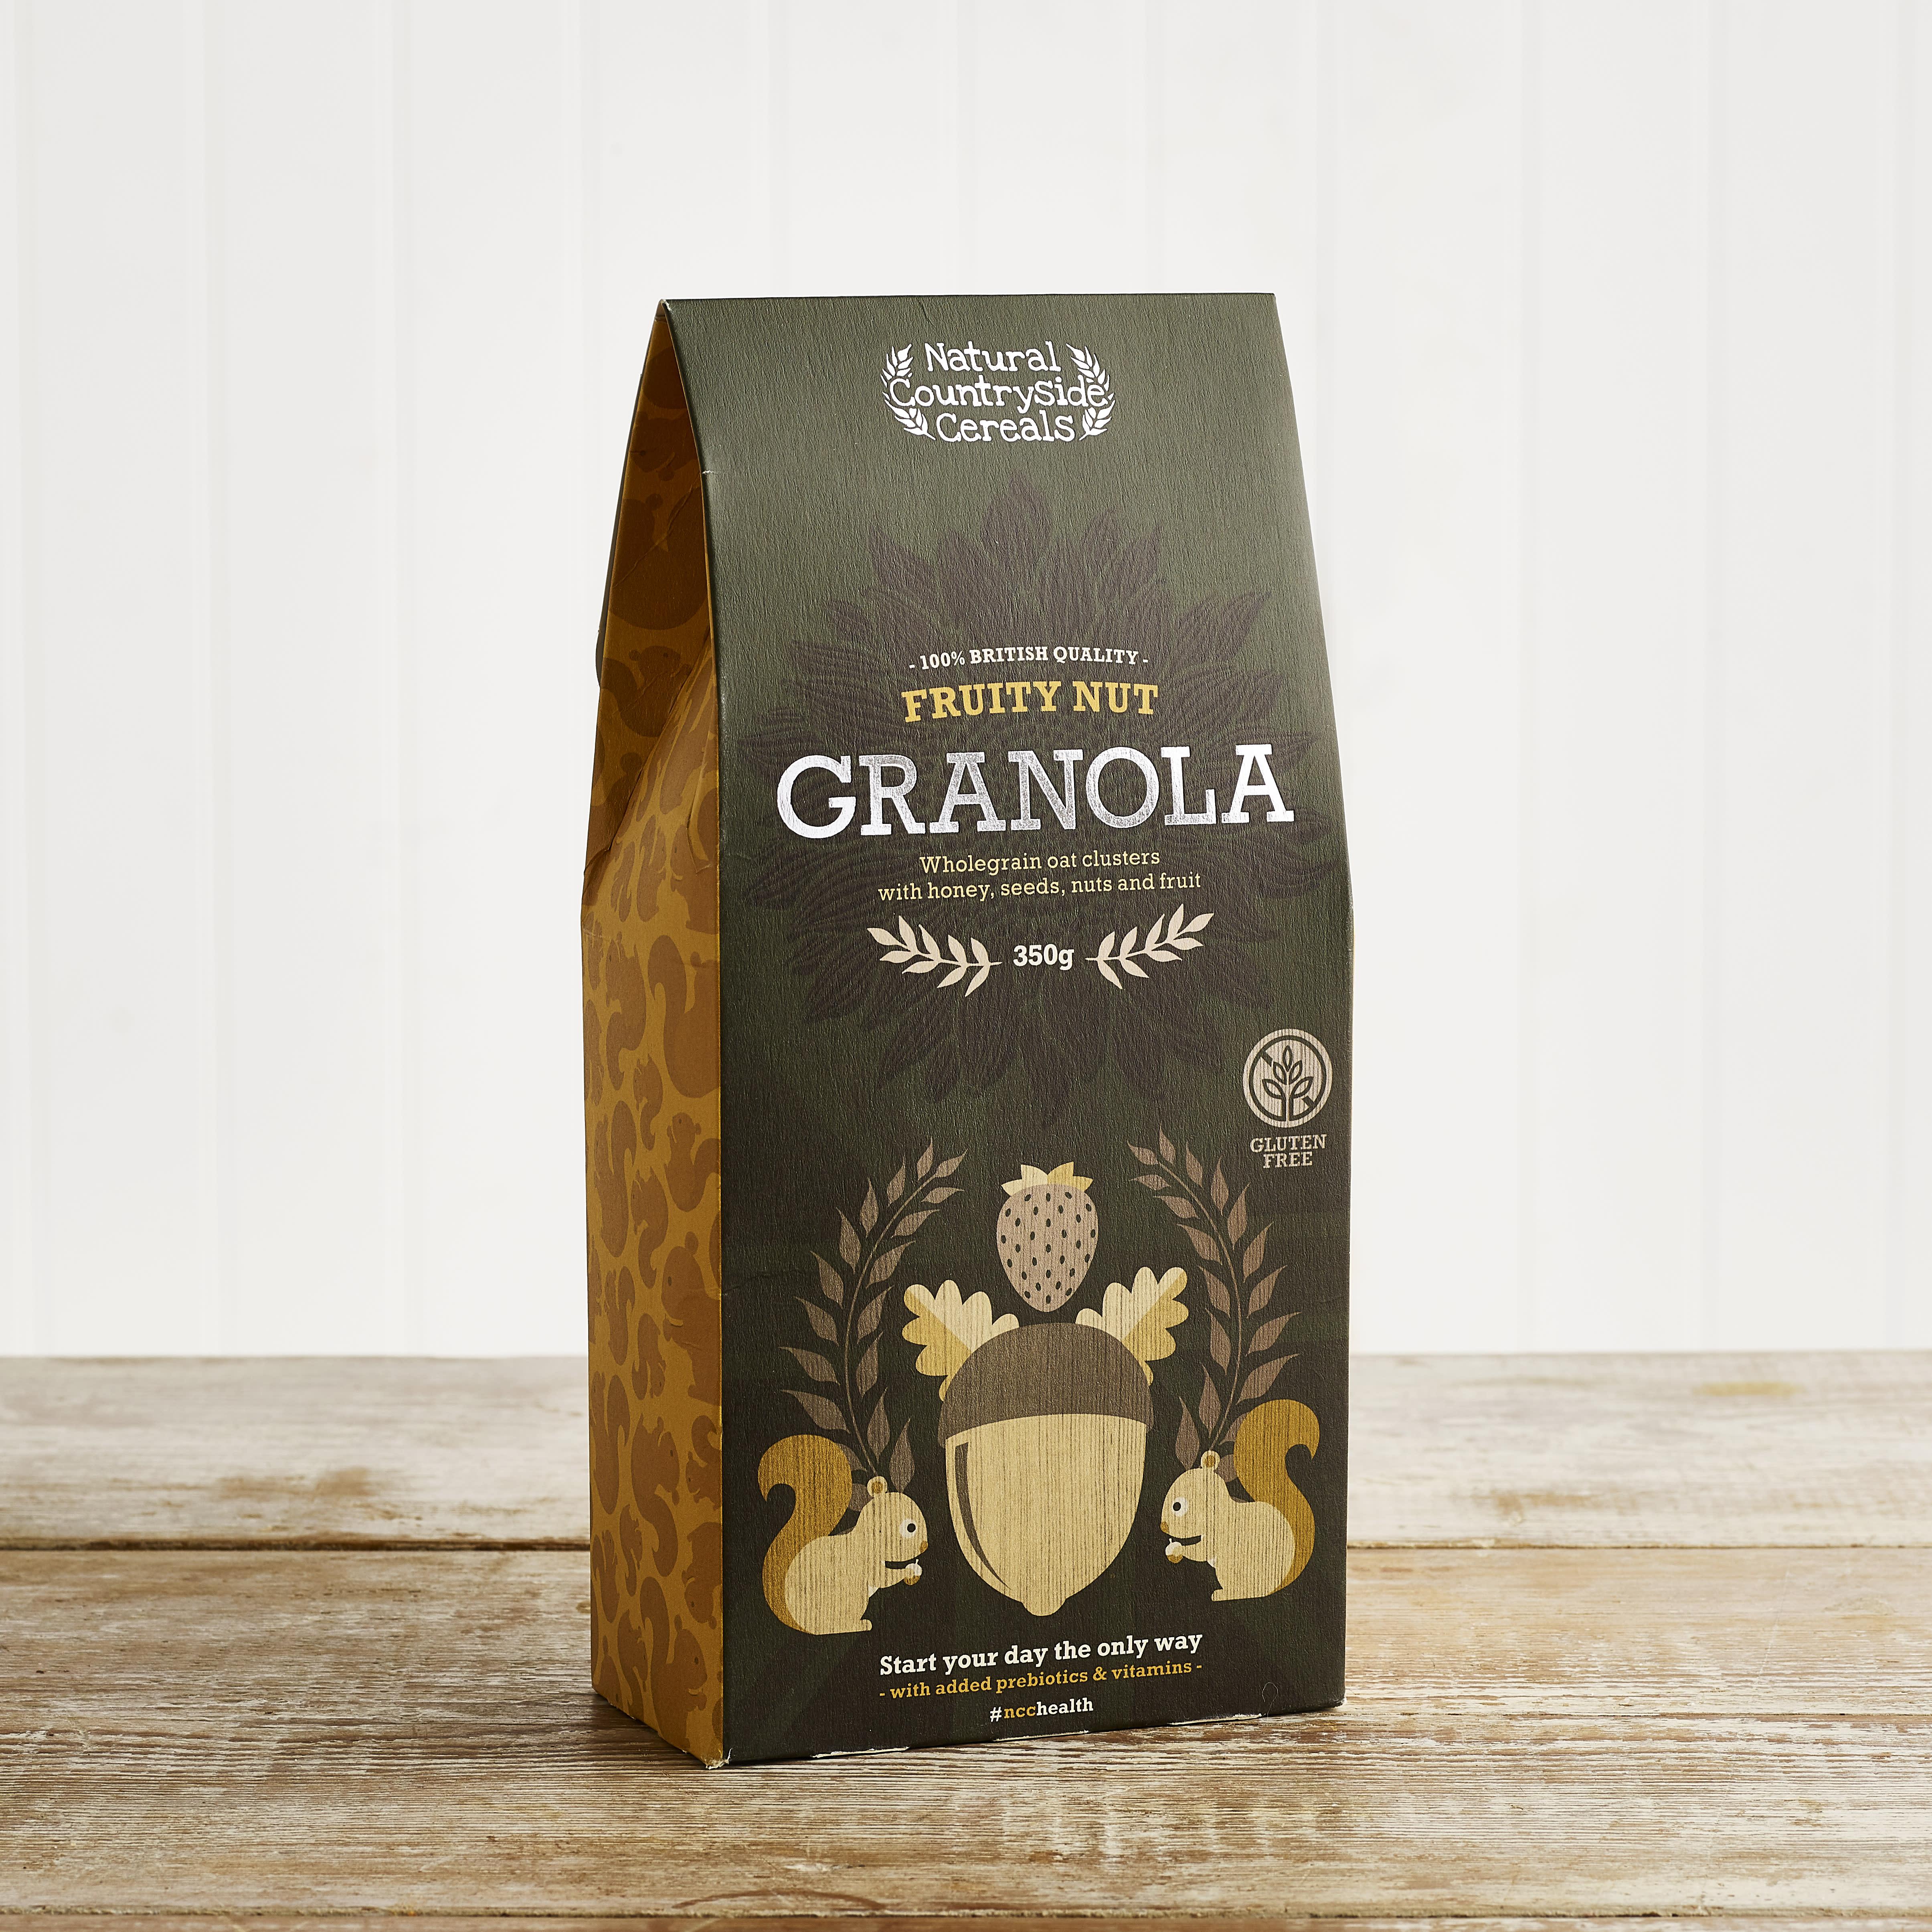 Shropshire Granola Fruity Nut Granola, 300g